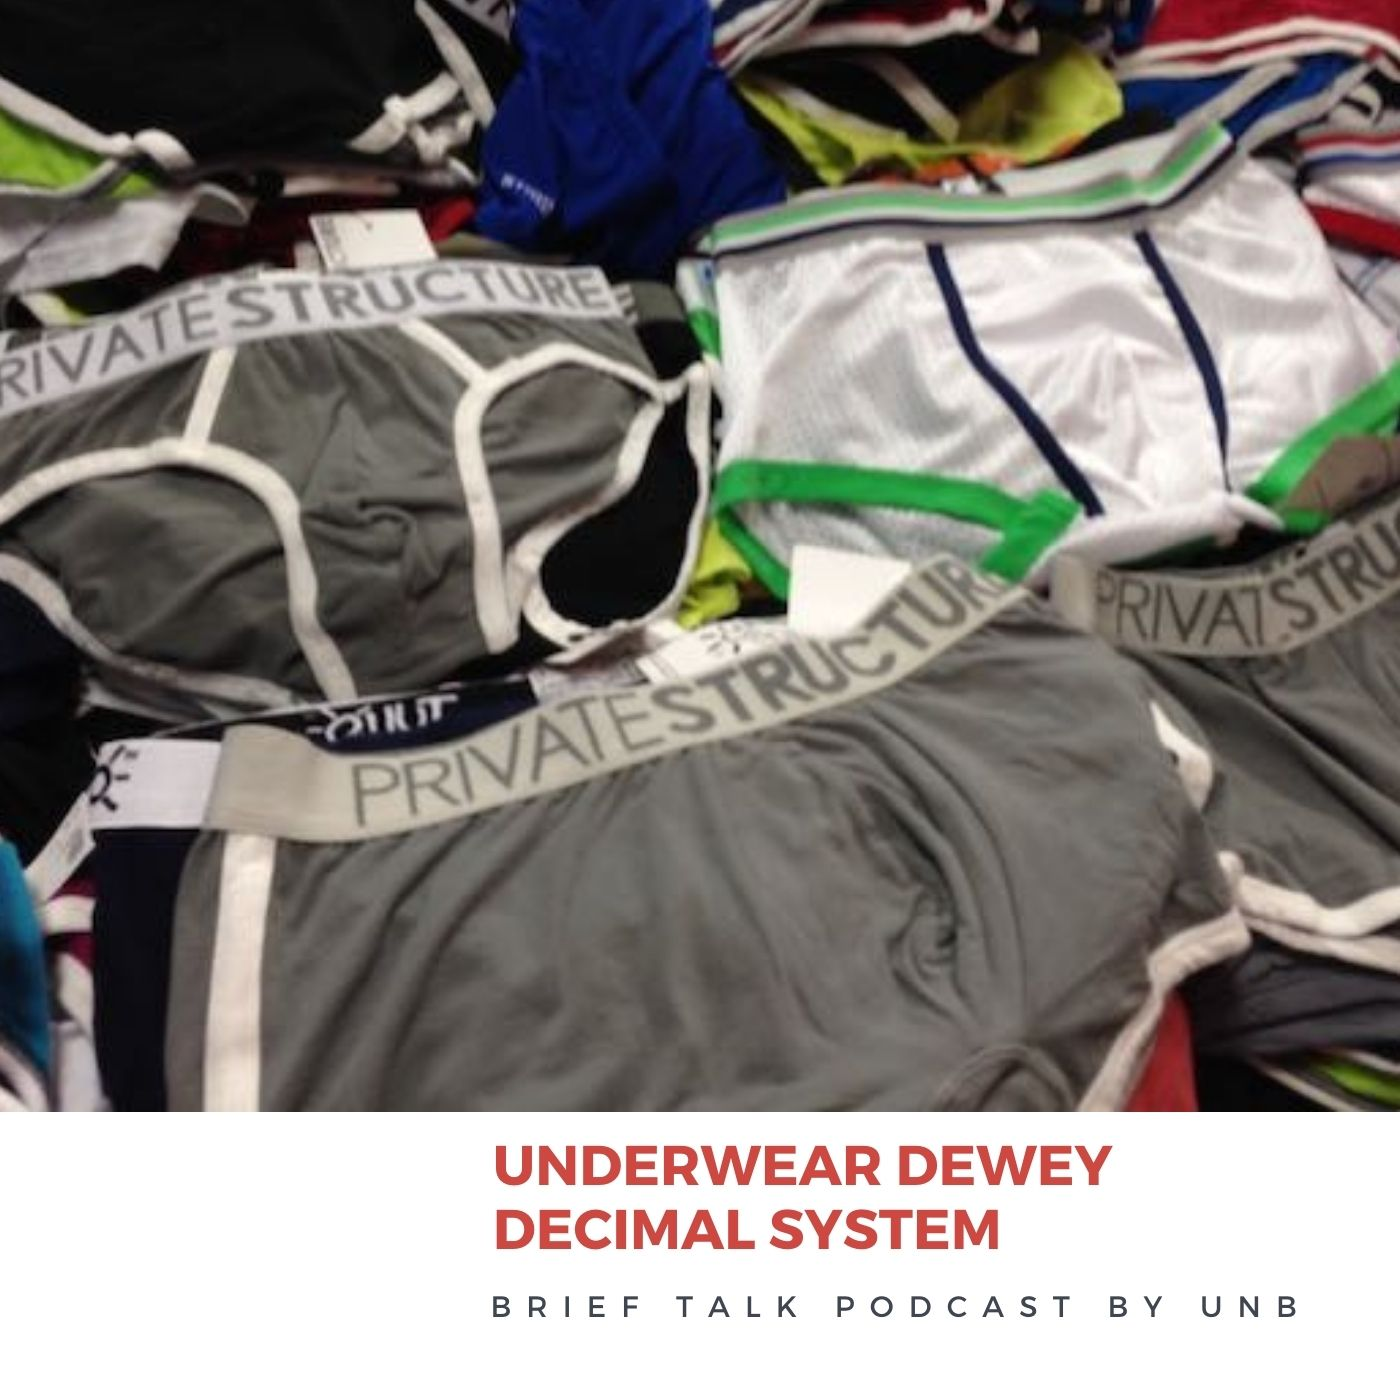 Brief Talk Podcast - Underwear Dewy Decimal System